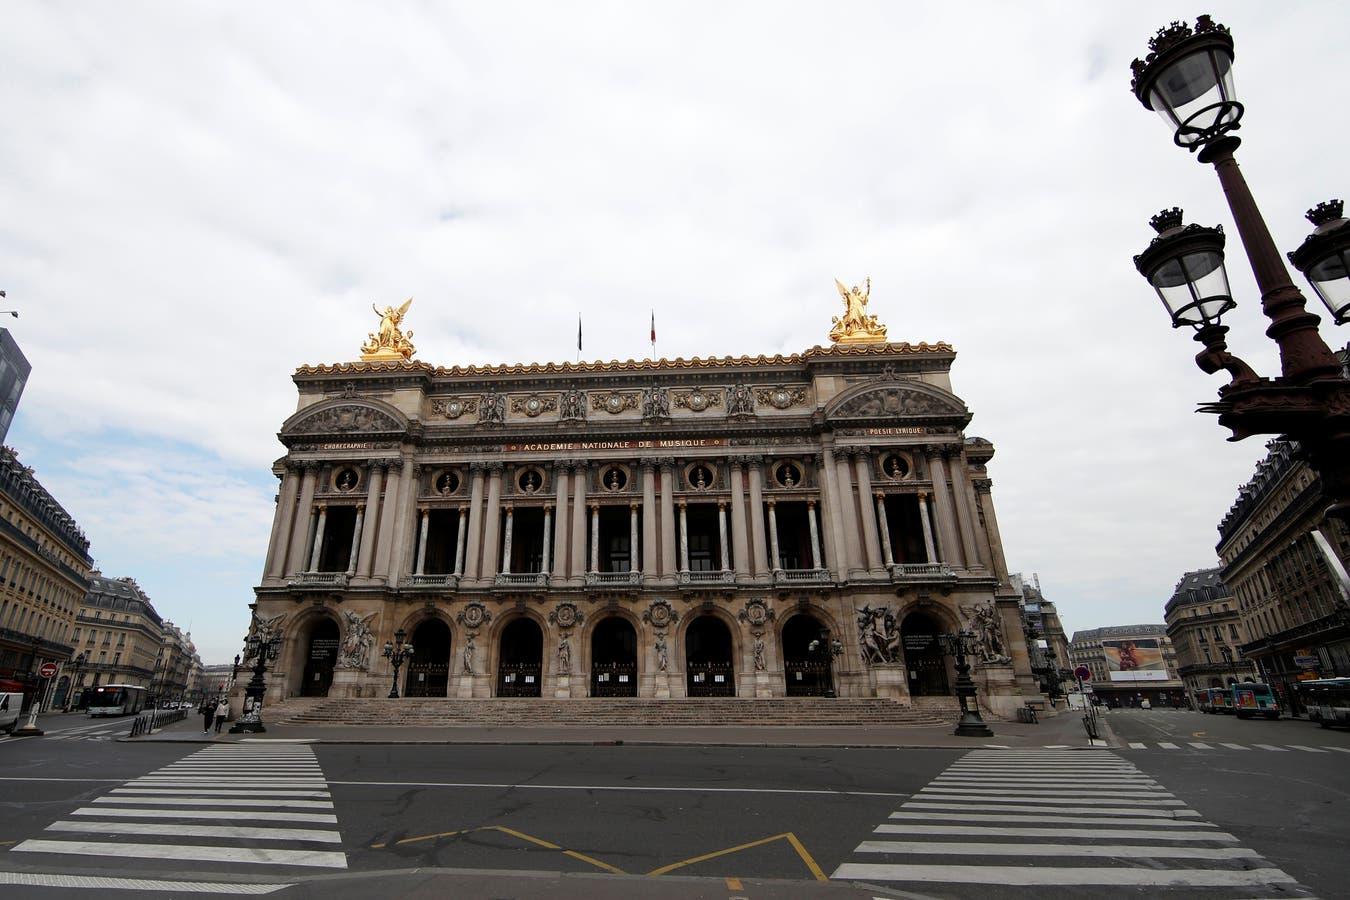 La Ópera Garnier, otro clásico parisino despojado de turistas